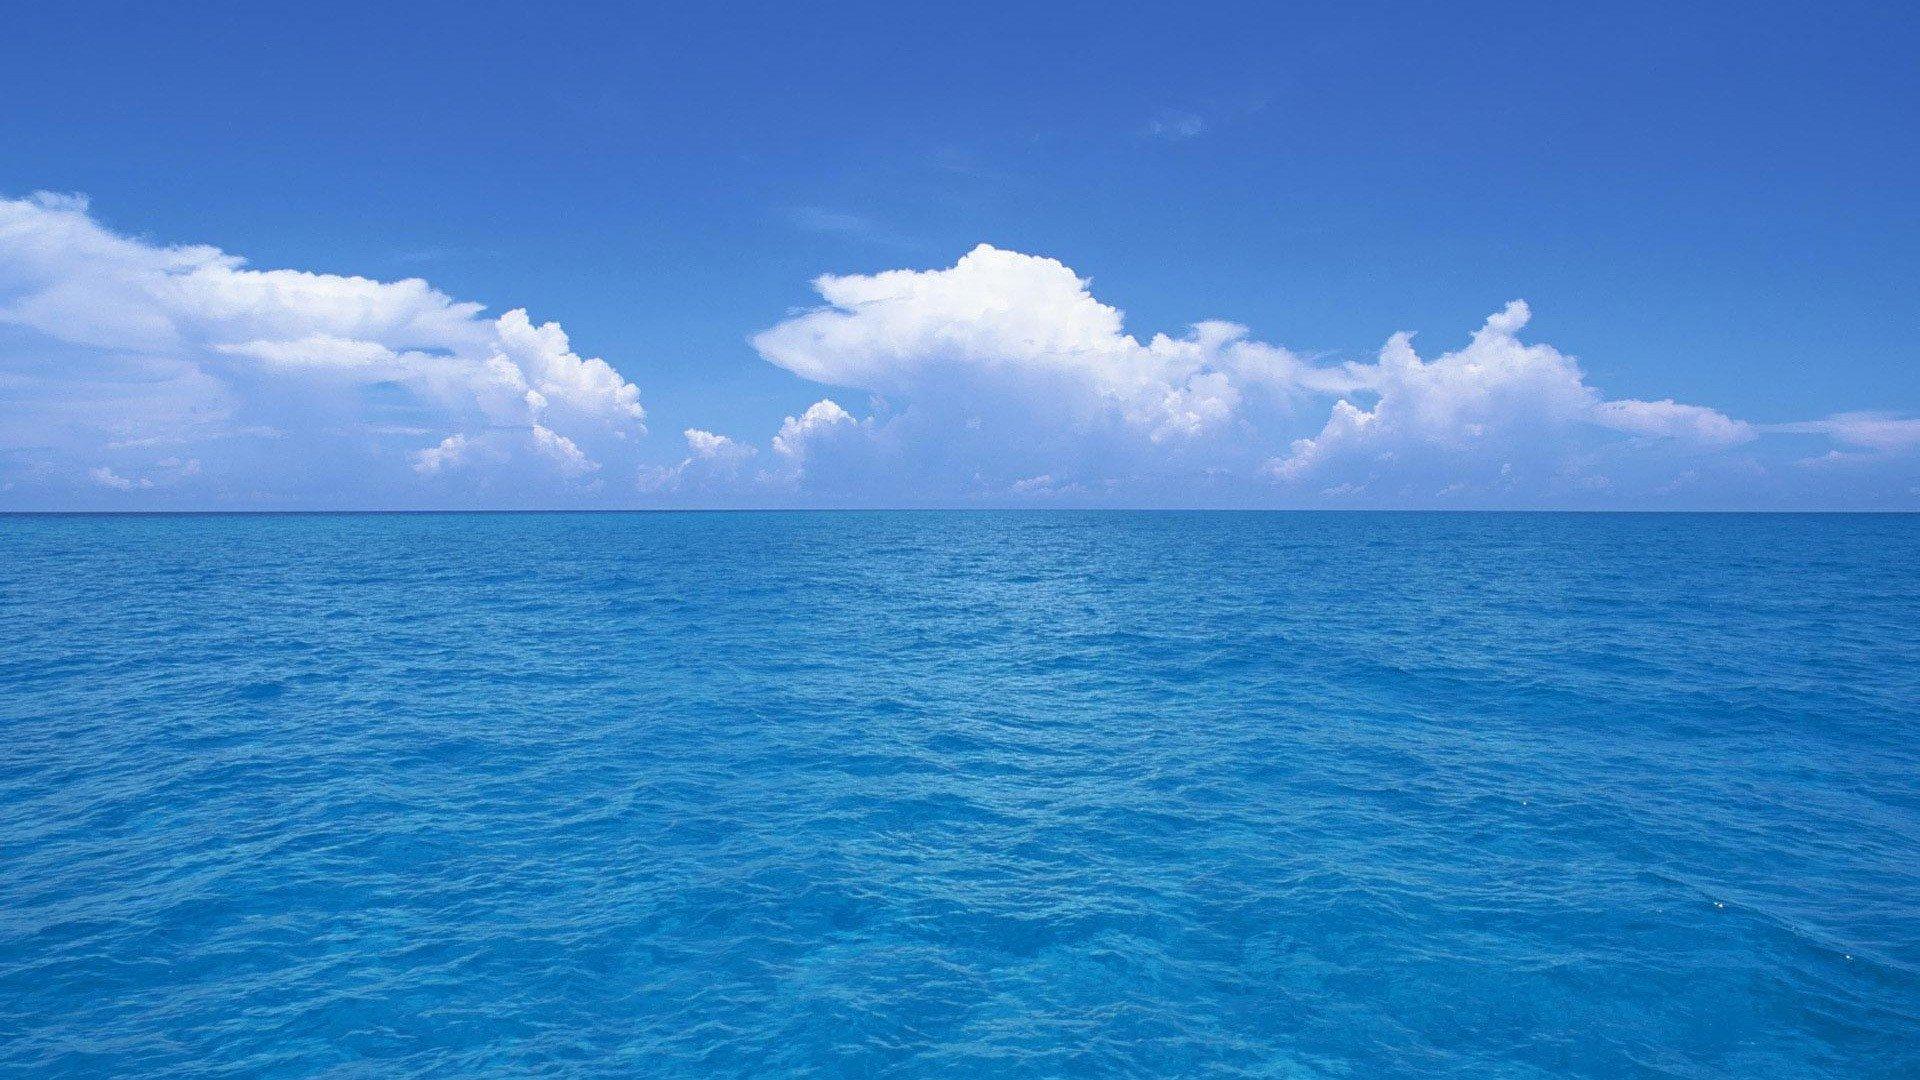 Deniz Manzarası Hd Duvar Kağıdı Arka Plan 1920x1080 Id470433